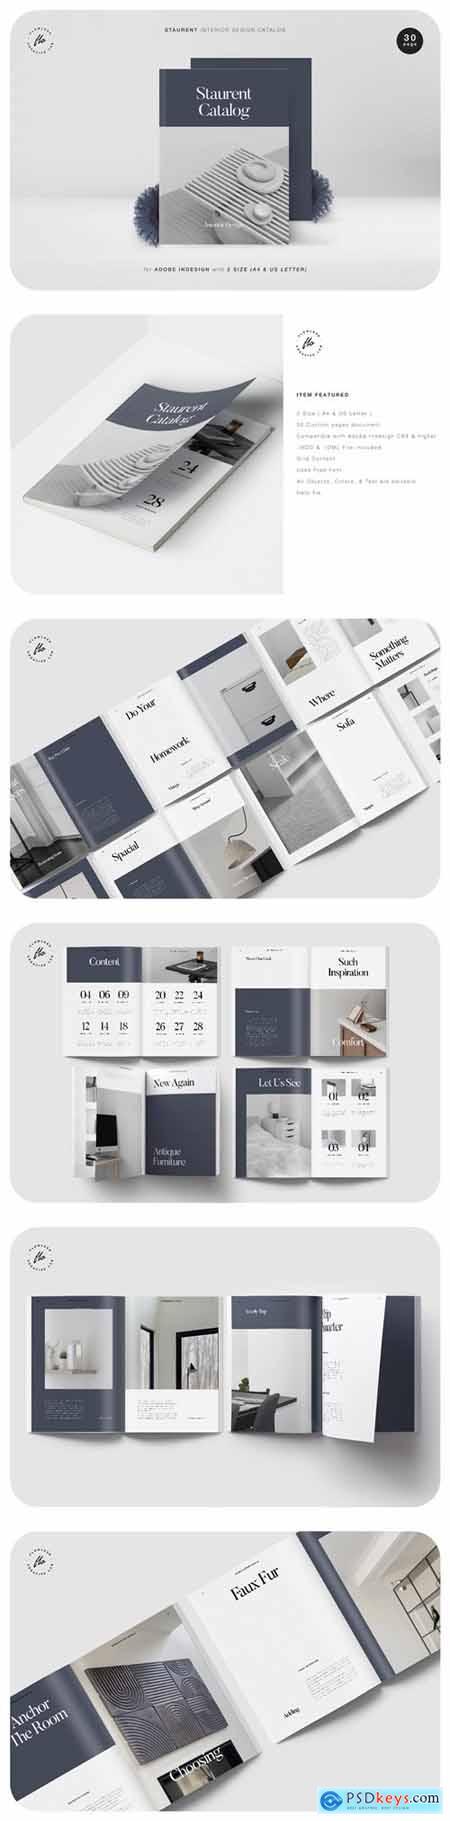 Staurent Interor Design Catalog